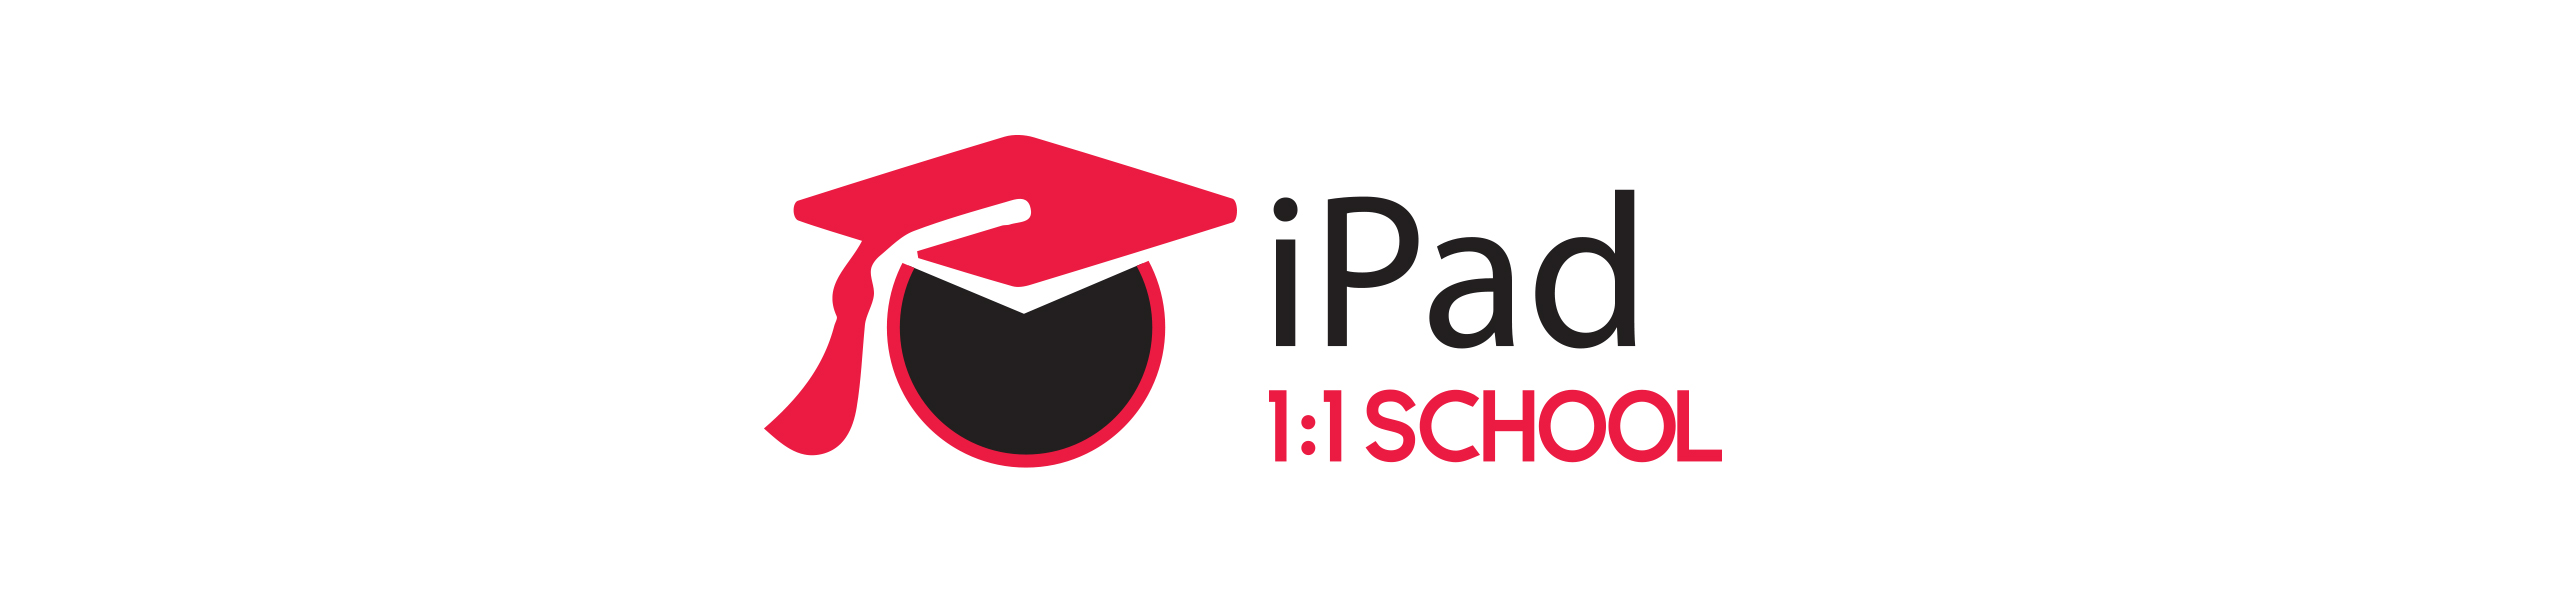 έρευνα iPad 1 to 1